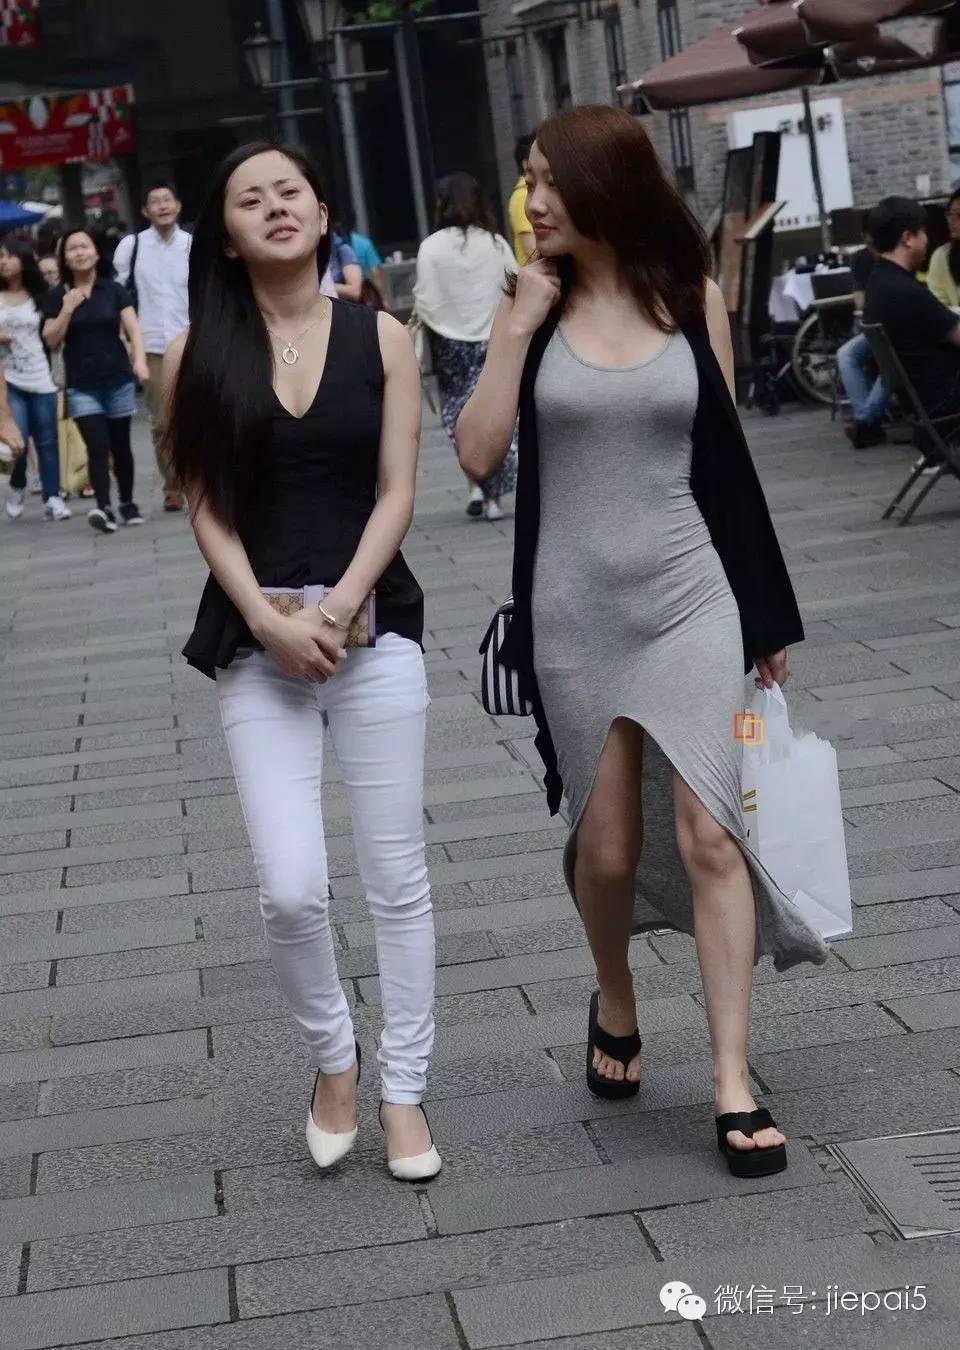 街拍 短裤紧身裤尽显迷人长腿图片